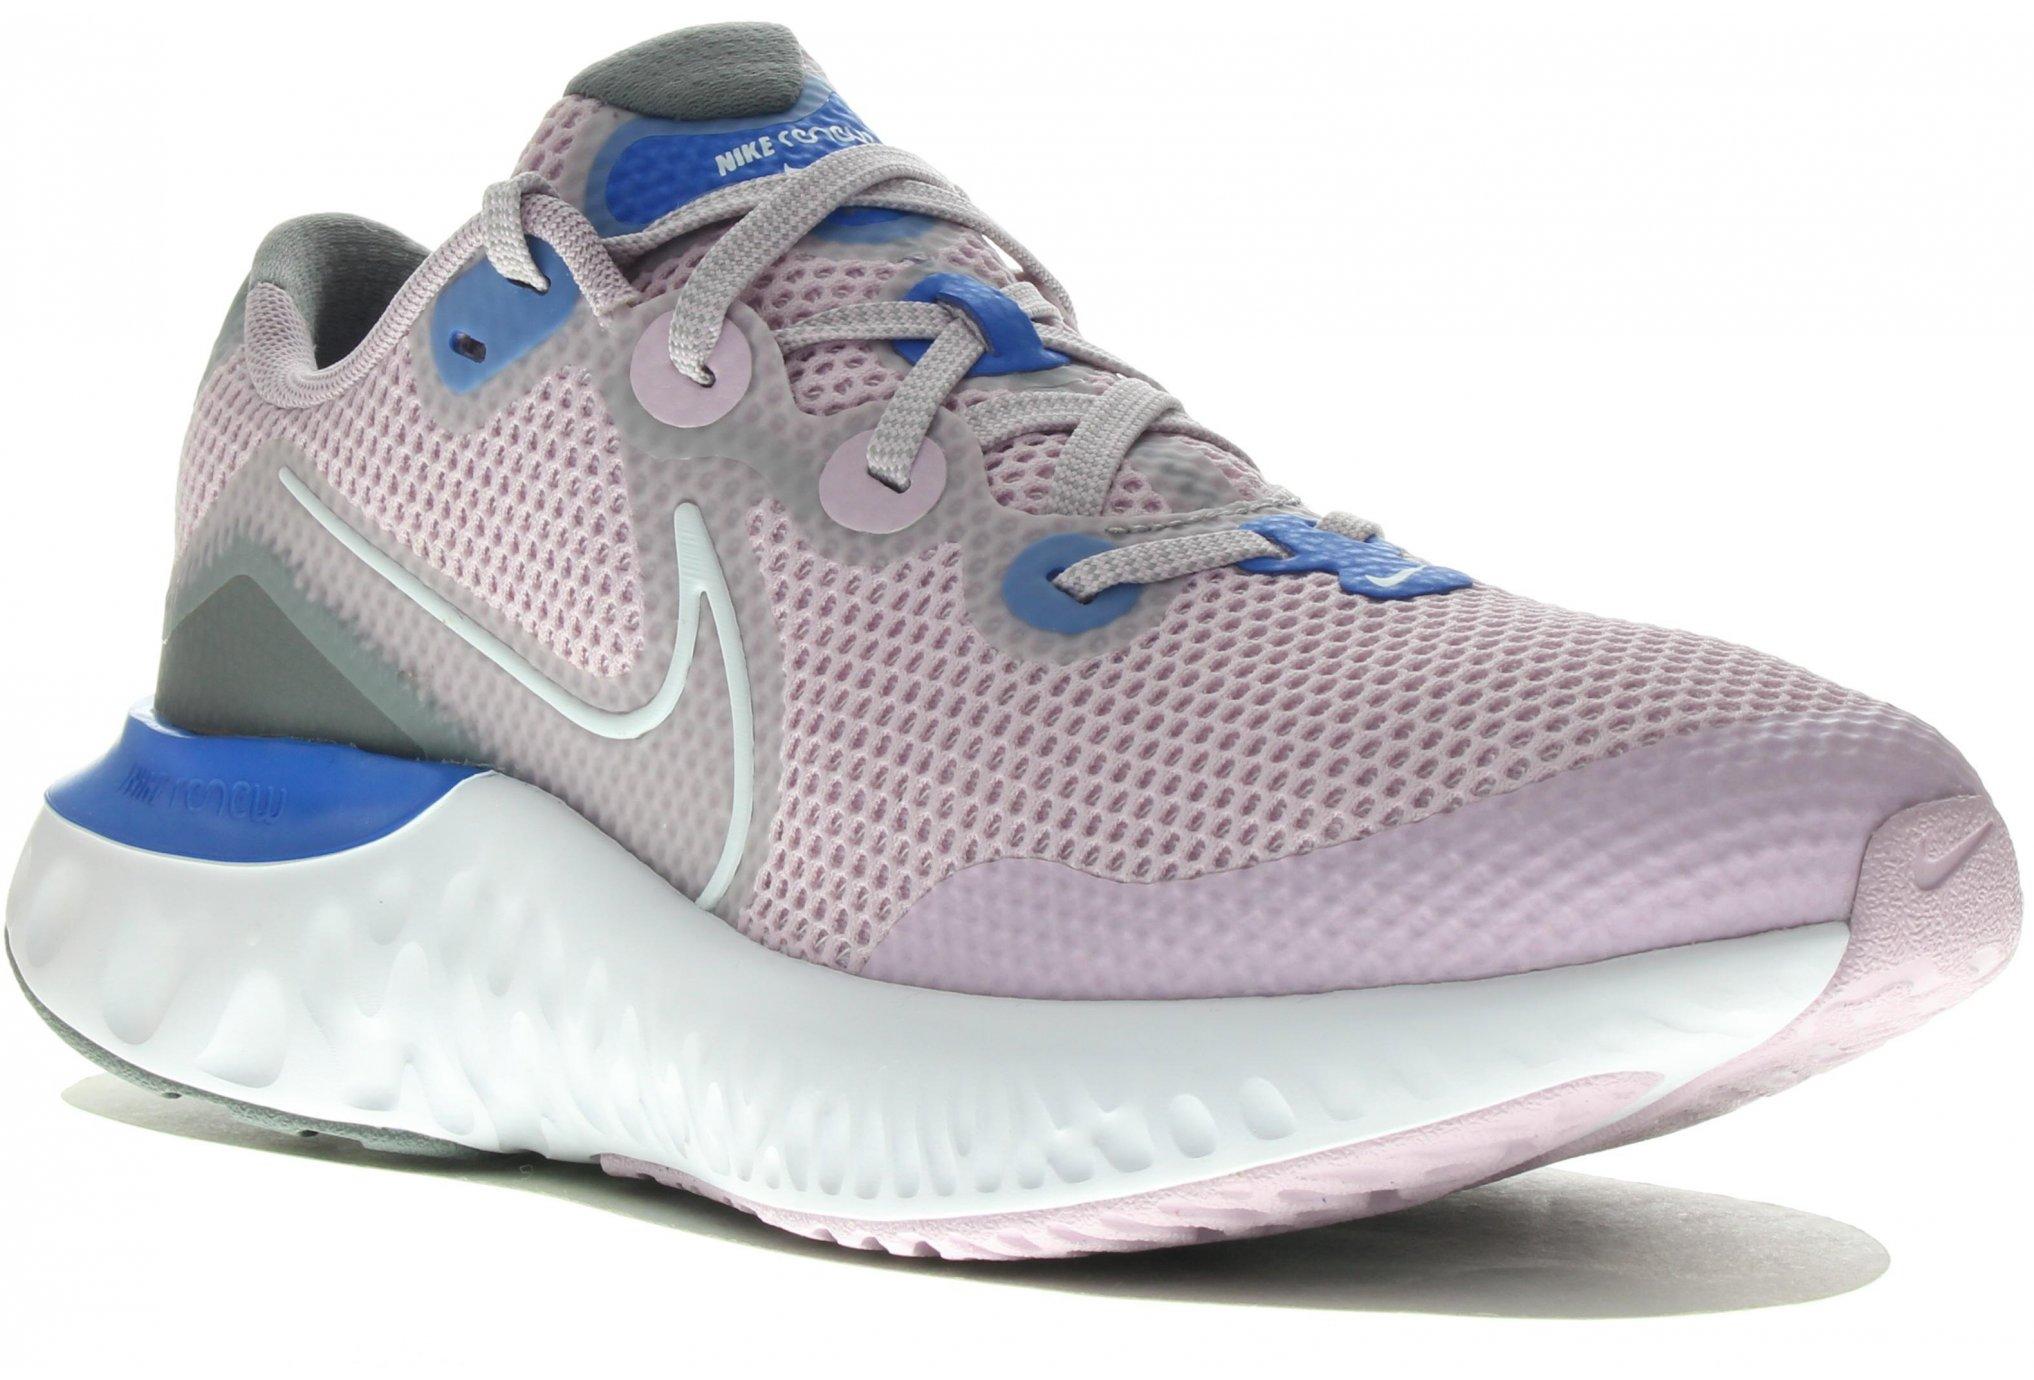 Nike Renew Run Chaussures running femme